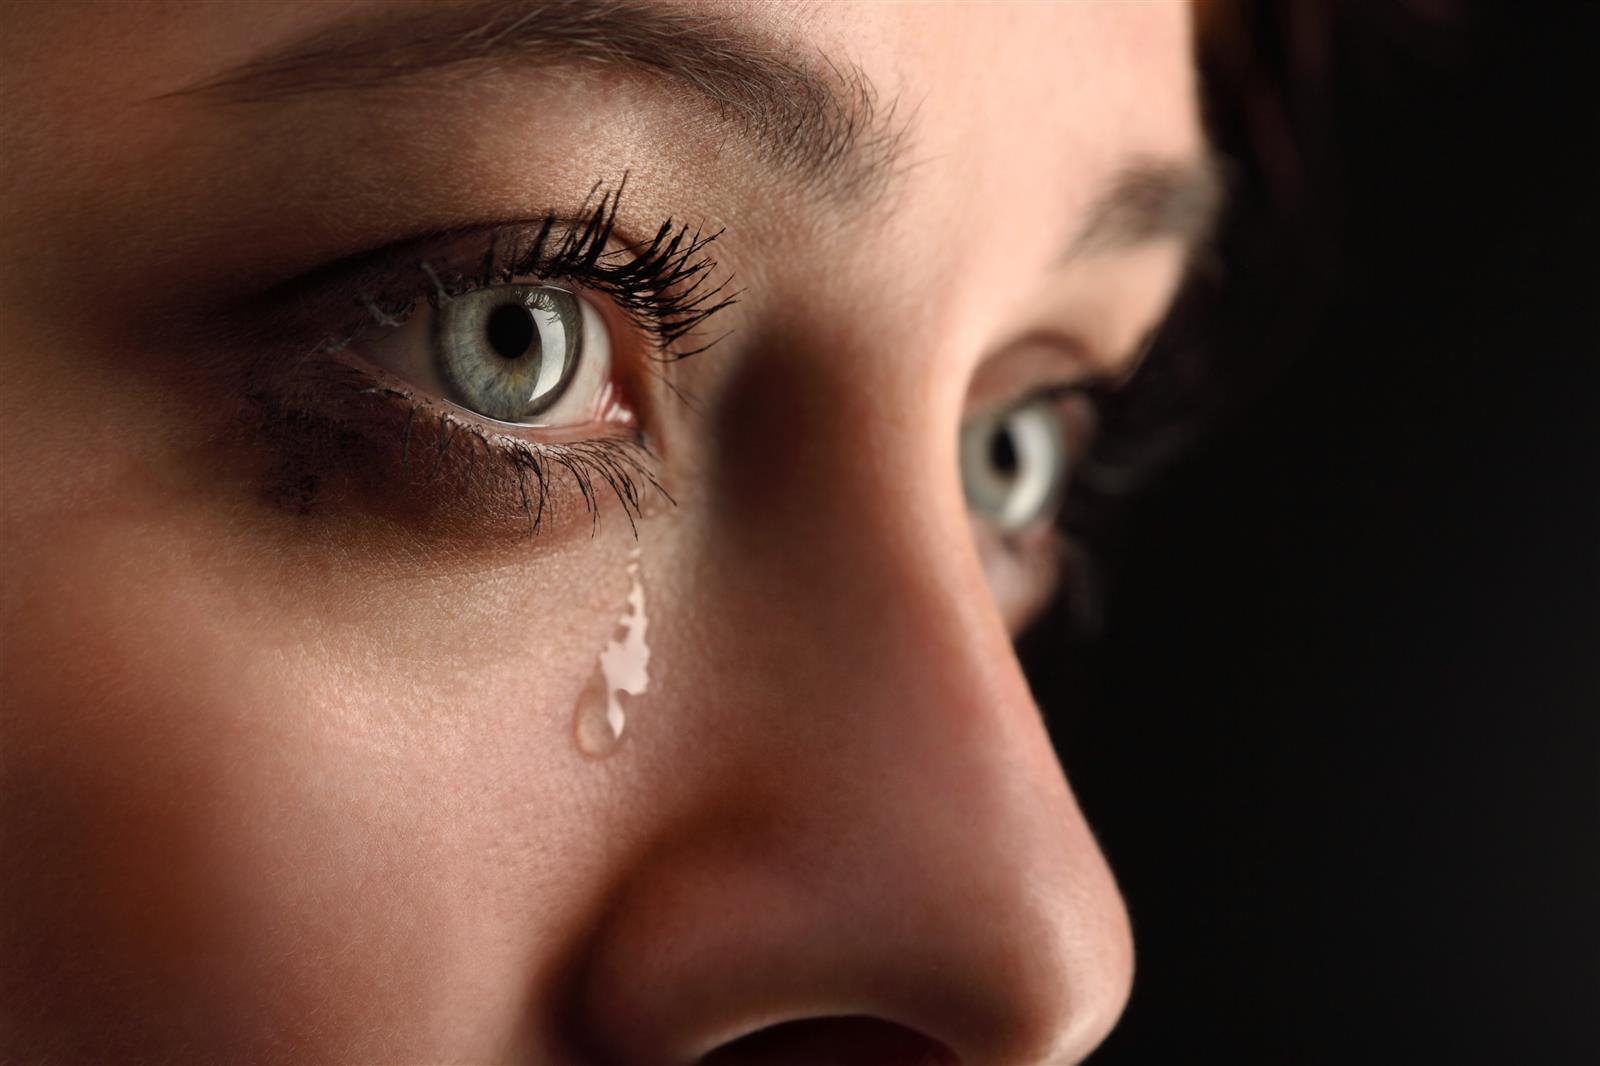 Suicide et grève des infirmières : la lettre qui nous a profondément émus...